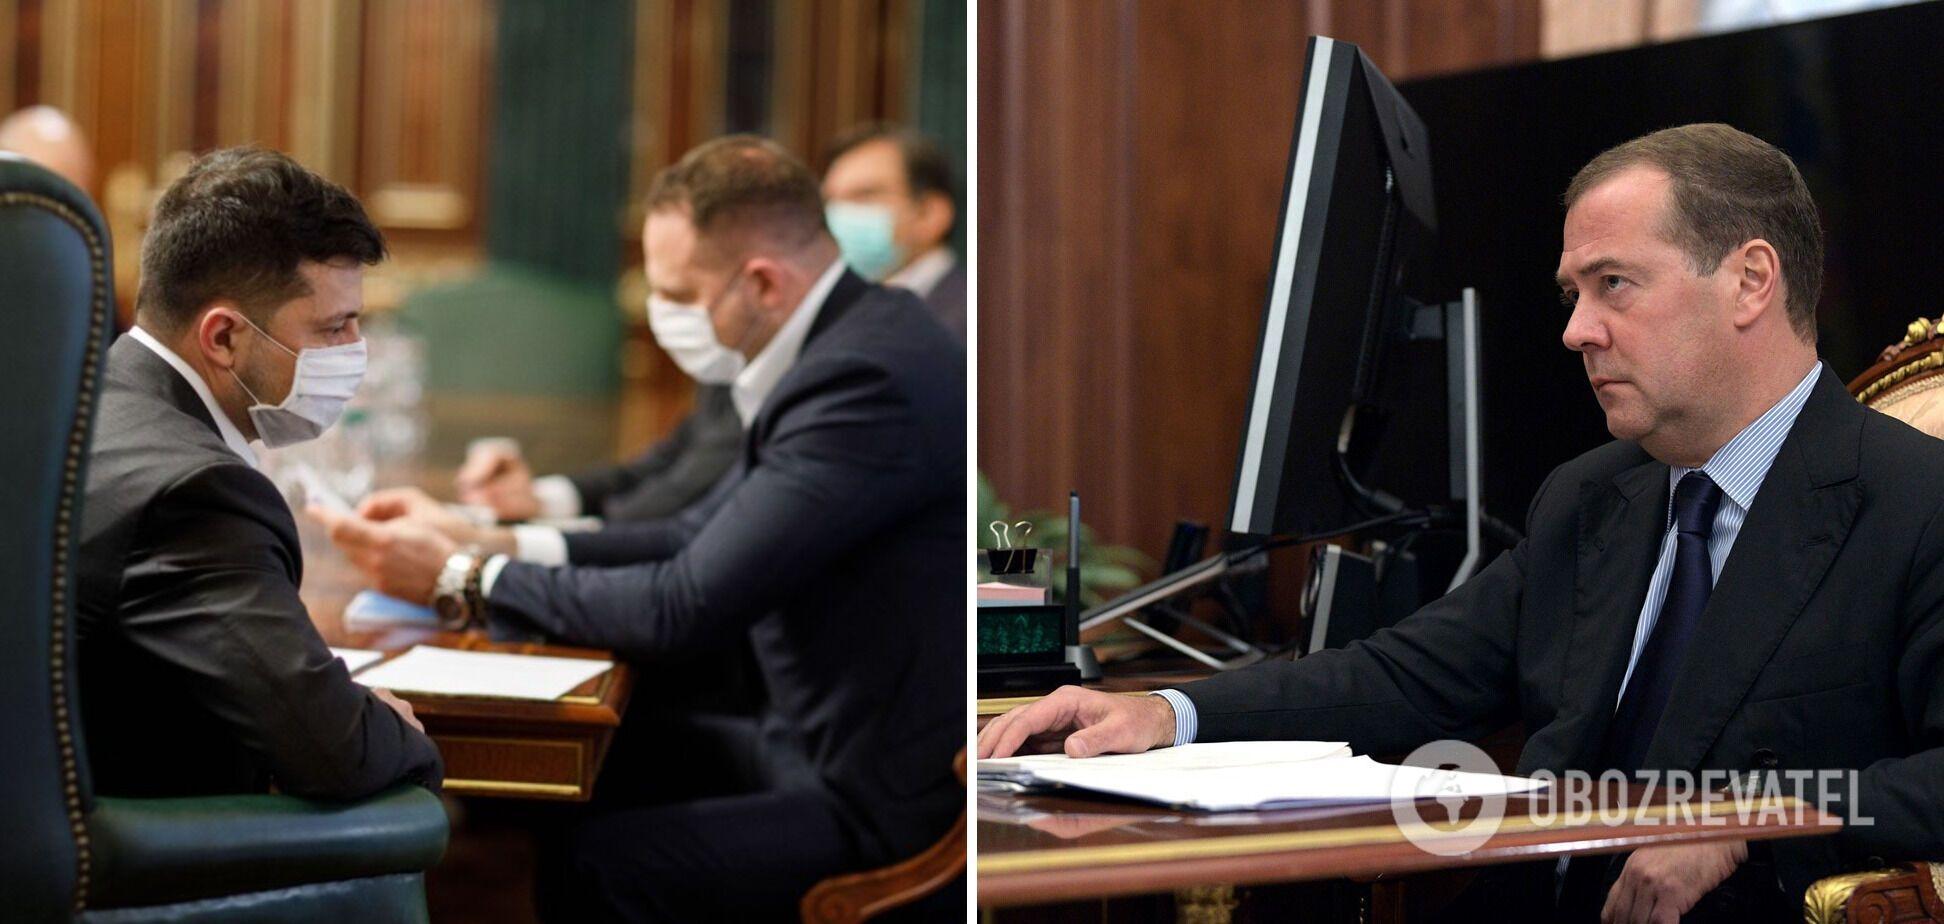 Медведев выскочил из конопли с пятью тезисами. Худшая копия путинского послания